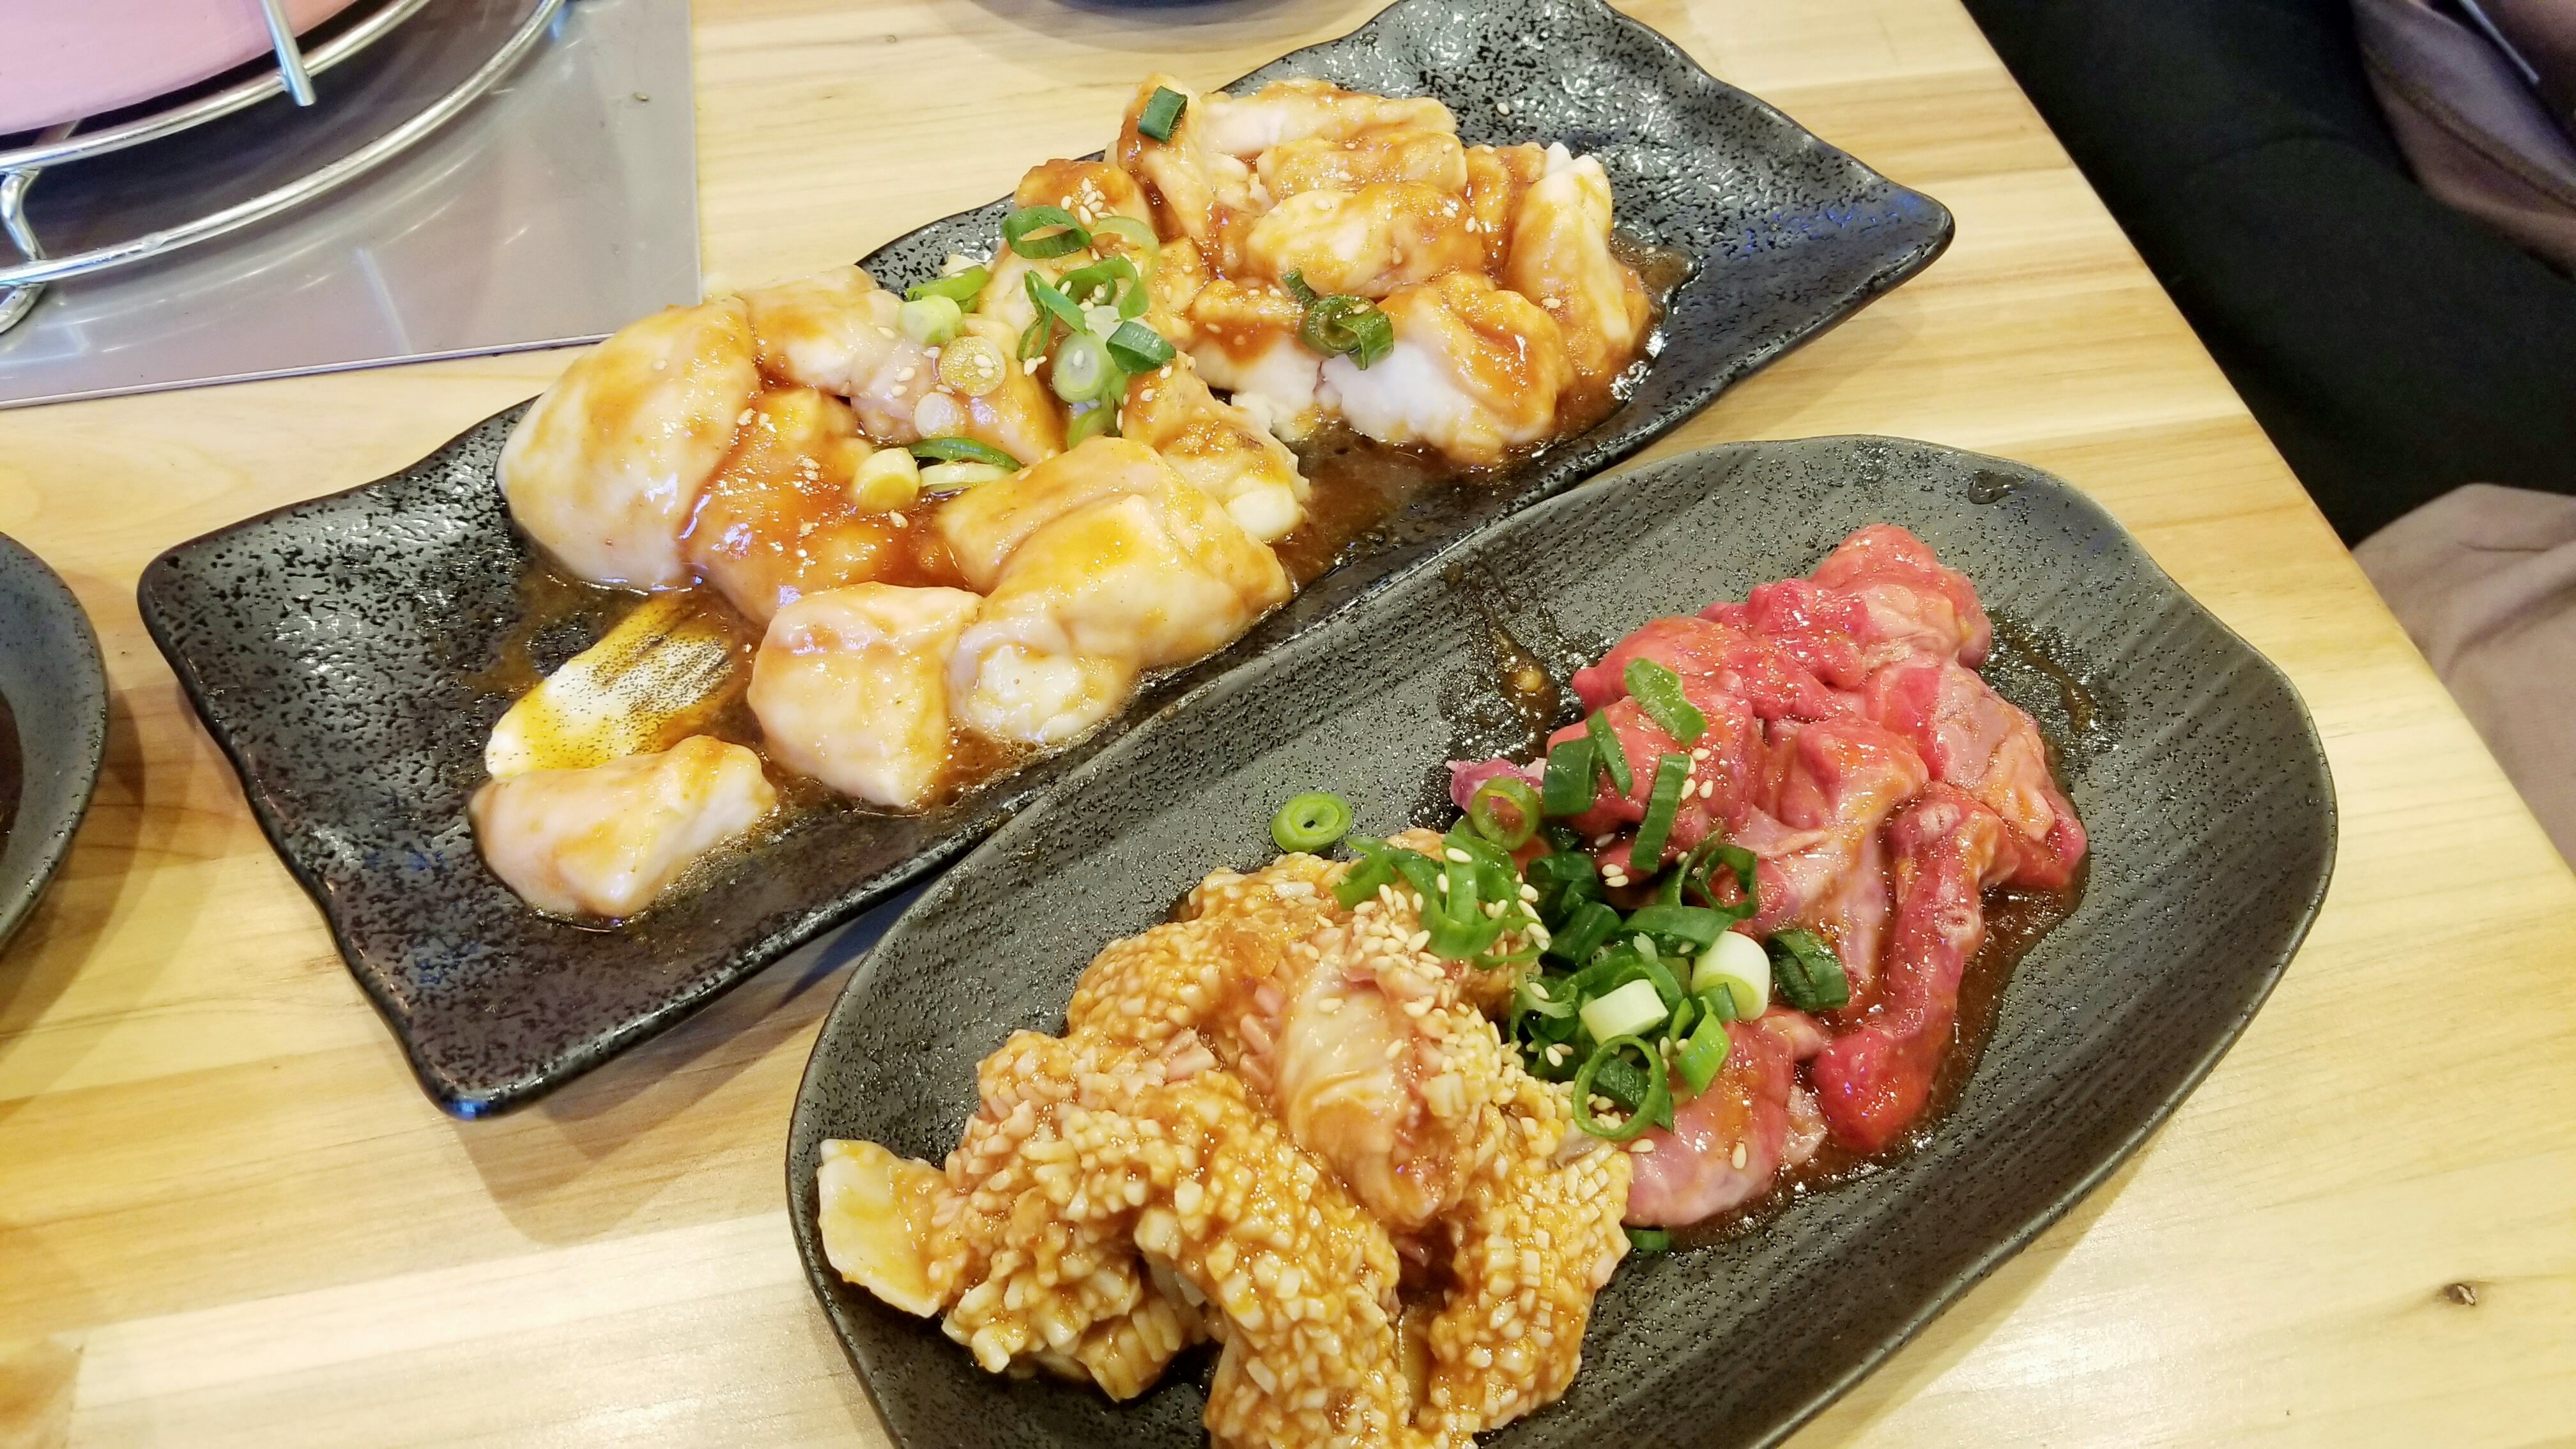 安い早い焼肉屋スーパーホルモンチェーン店コスパ良い変な味愛媛県